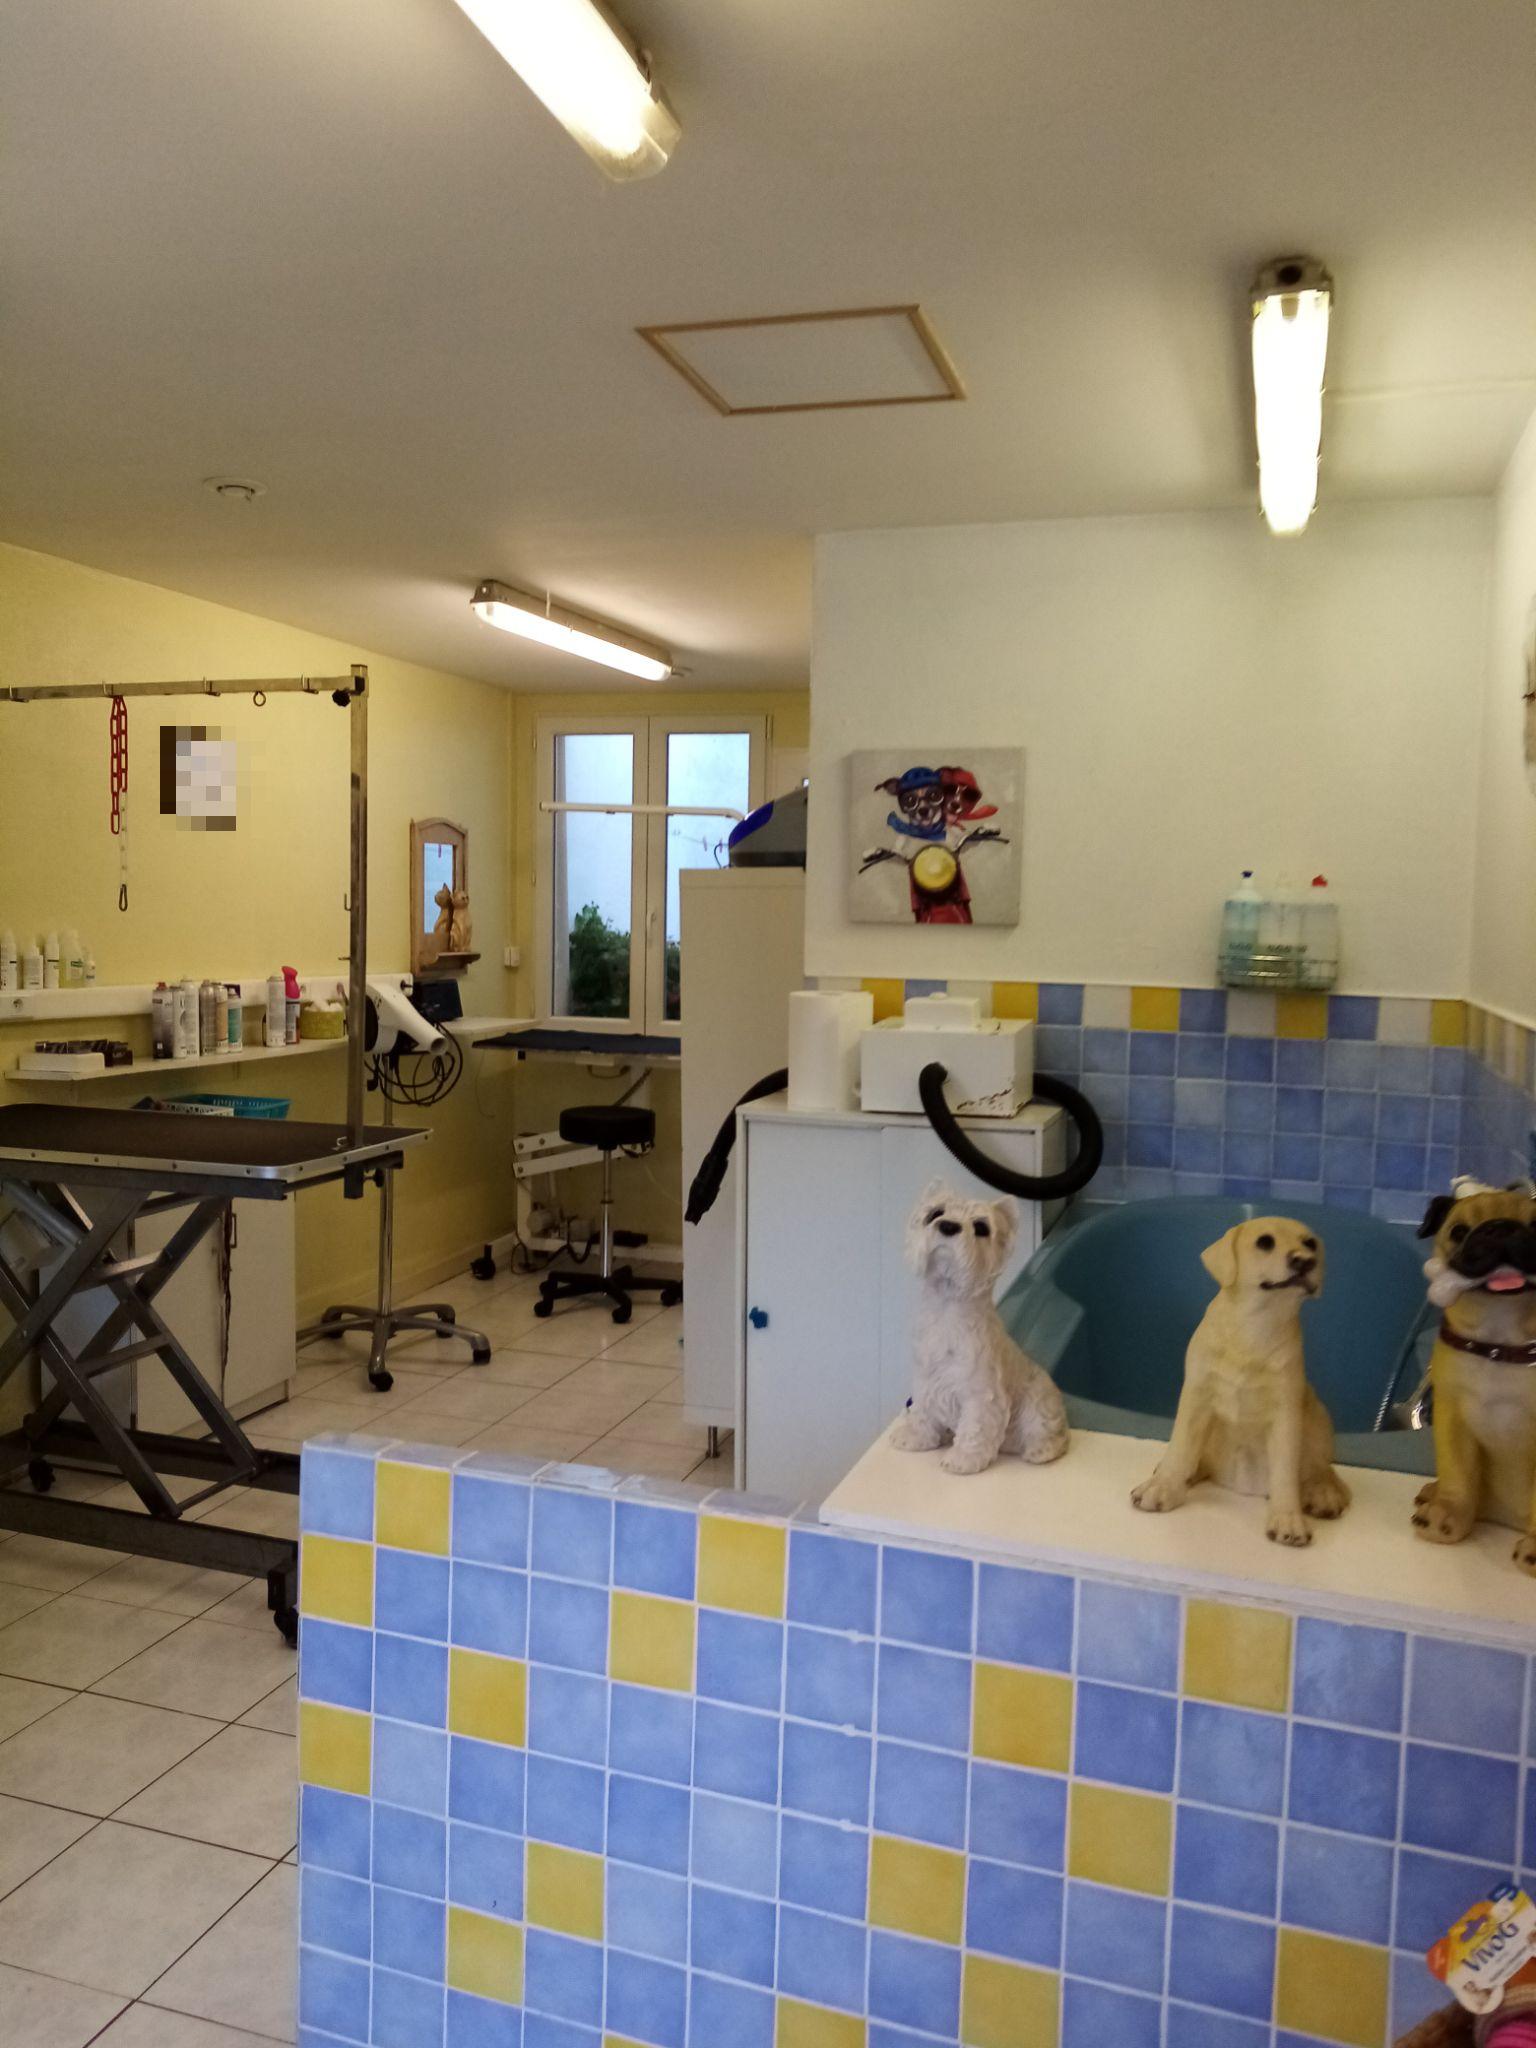 Vente Salon de toilettage canin et félins à Wimereux station balnéaire, bord de mer (62930)